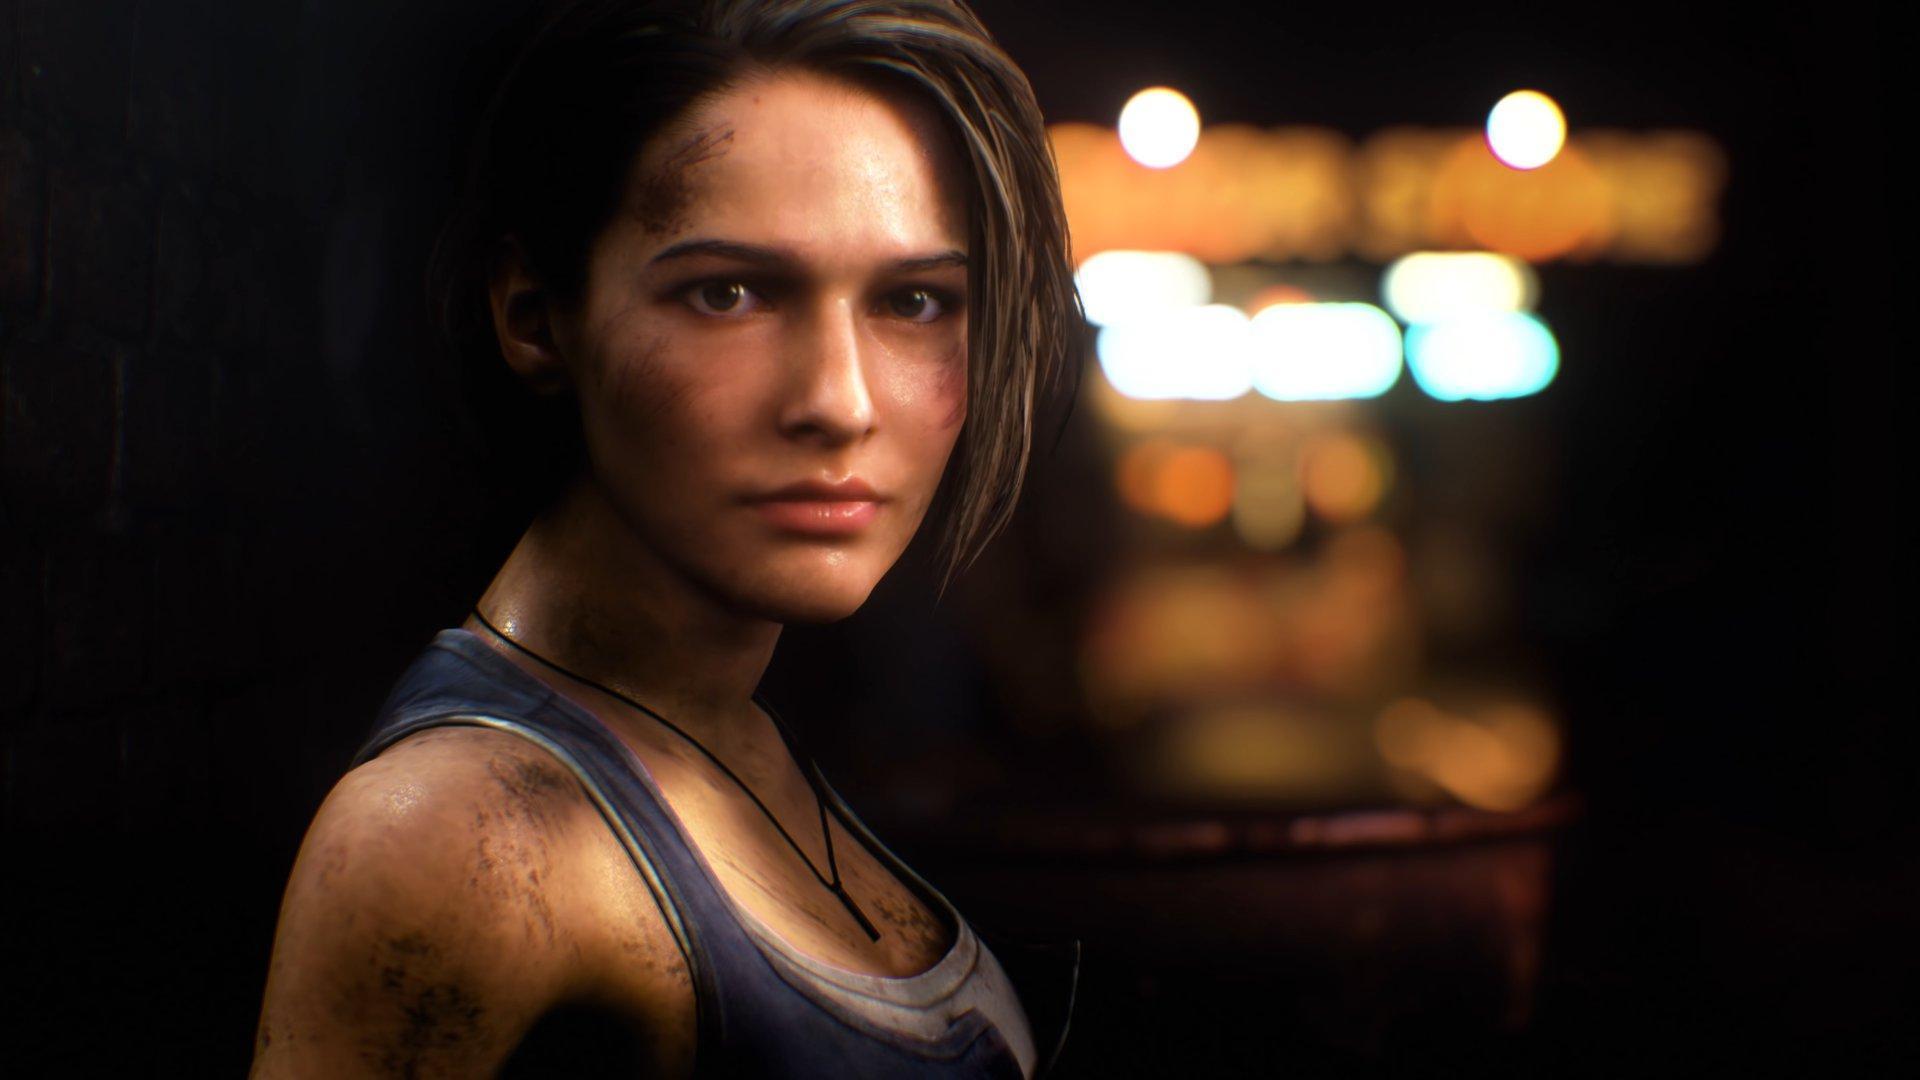 سی دی کی اریجینال بازی Resident Evil 3 Remake